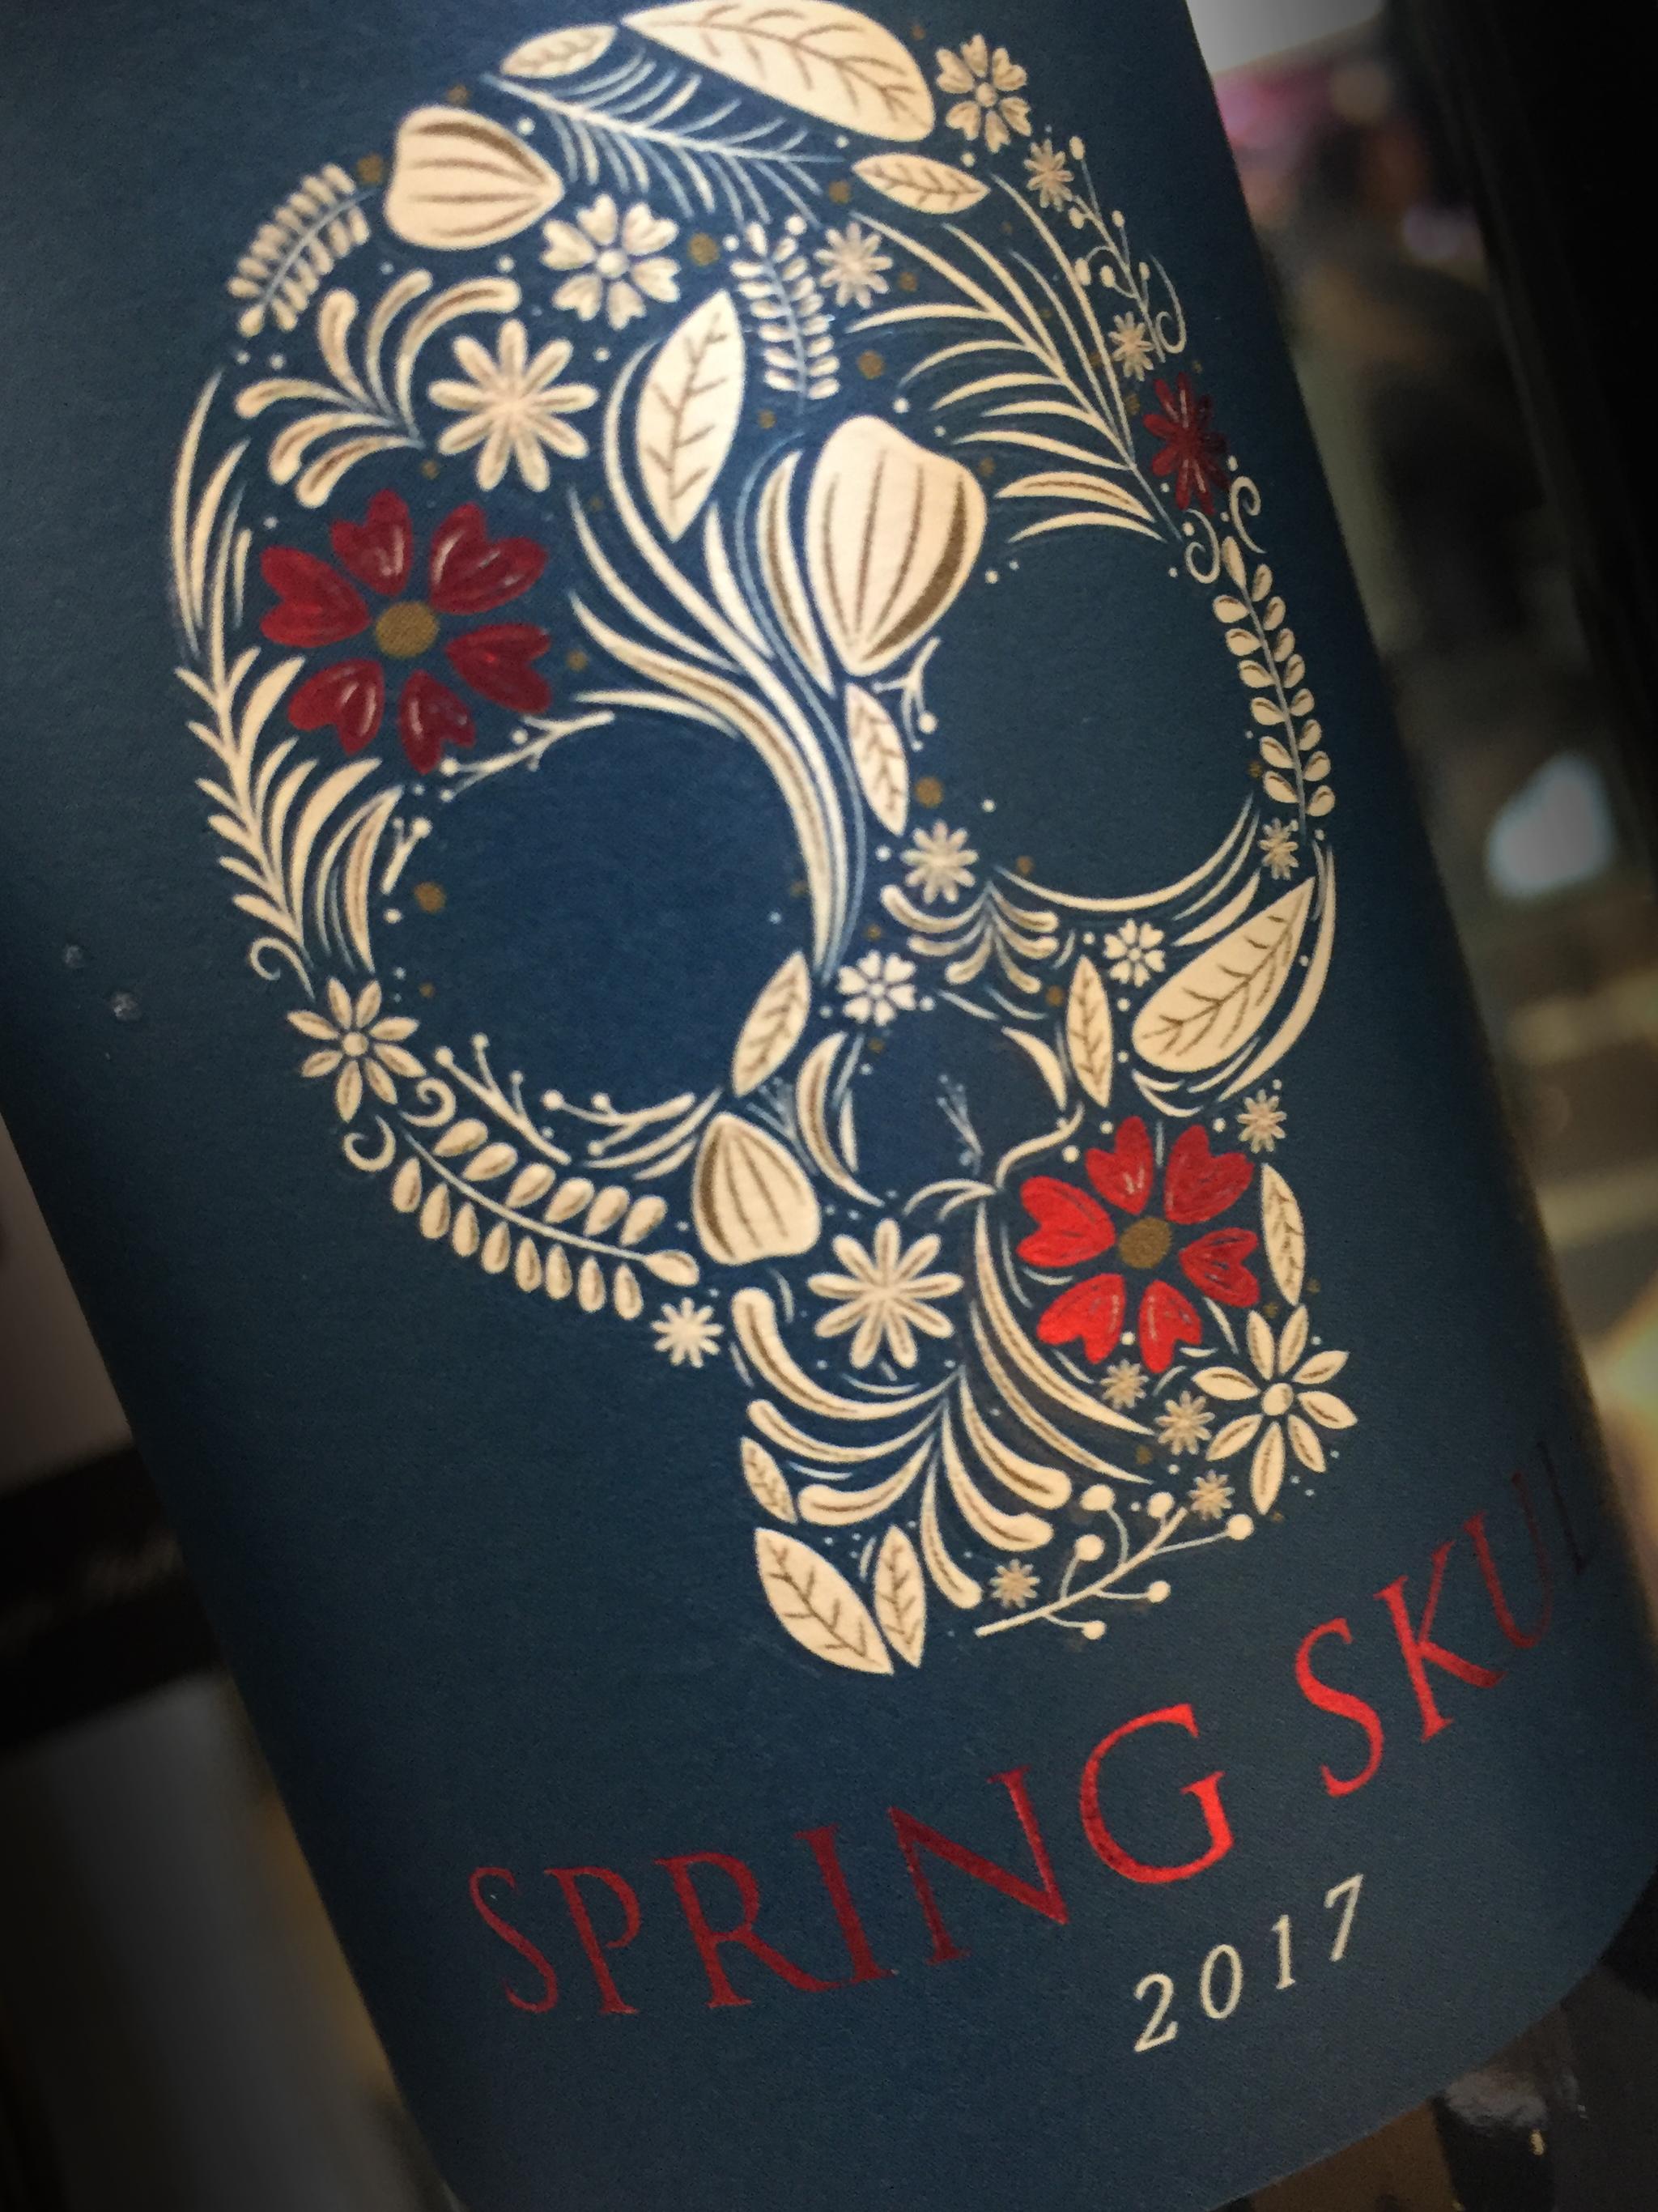 Spring Skrull